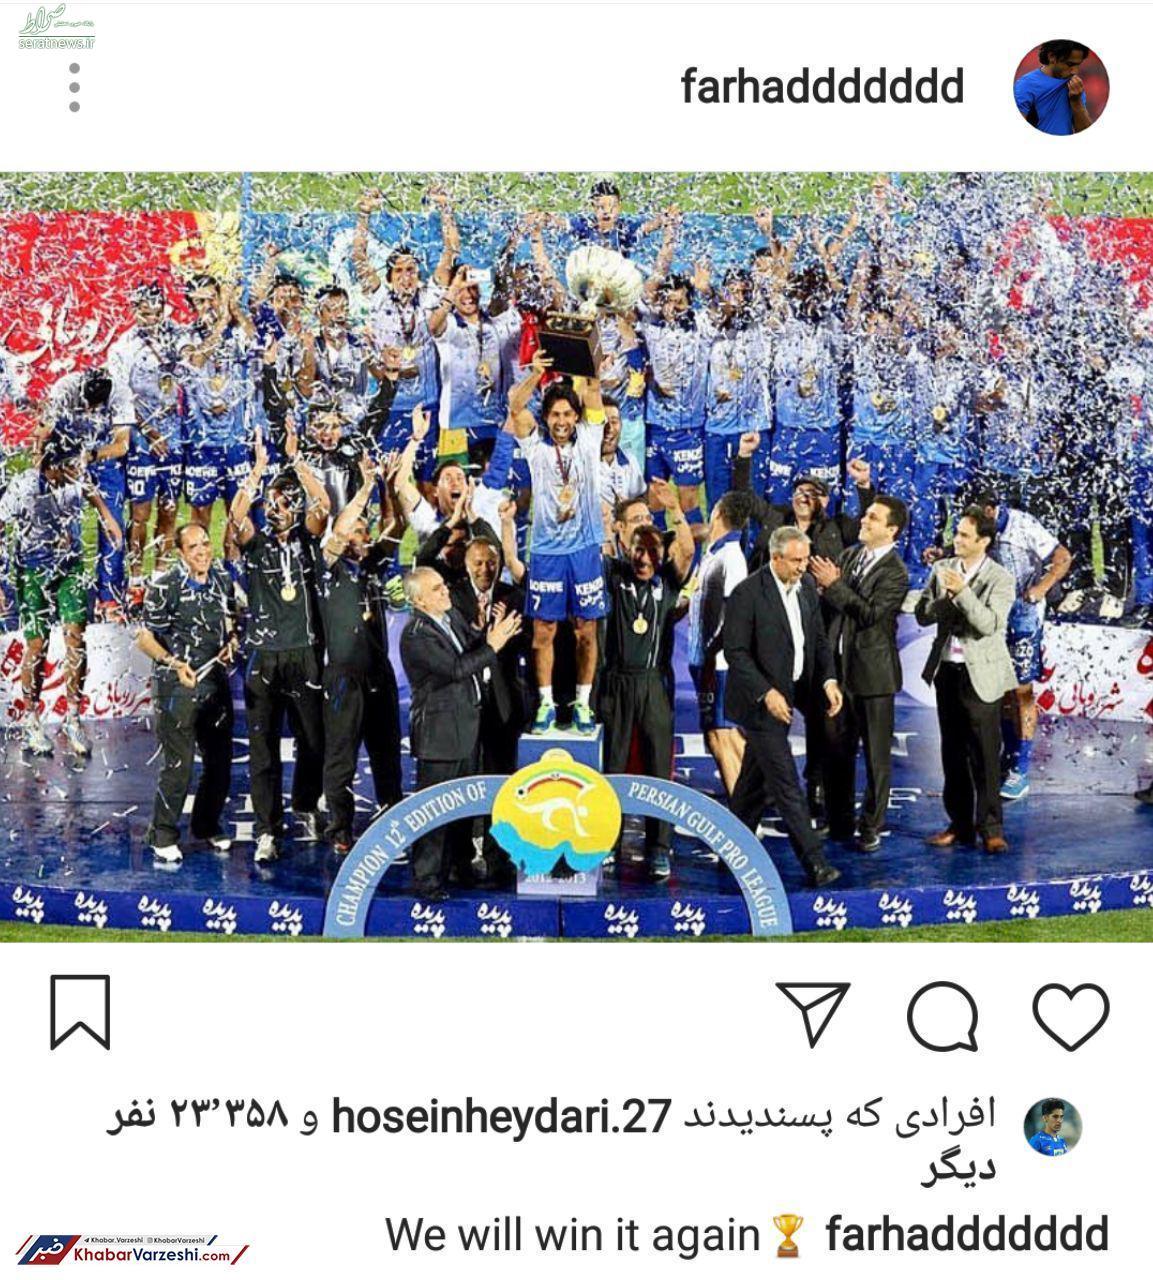 عکس/ مجیدی: باز هم برنده خواهیم شد